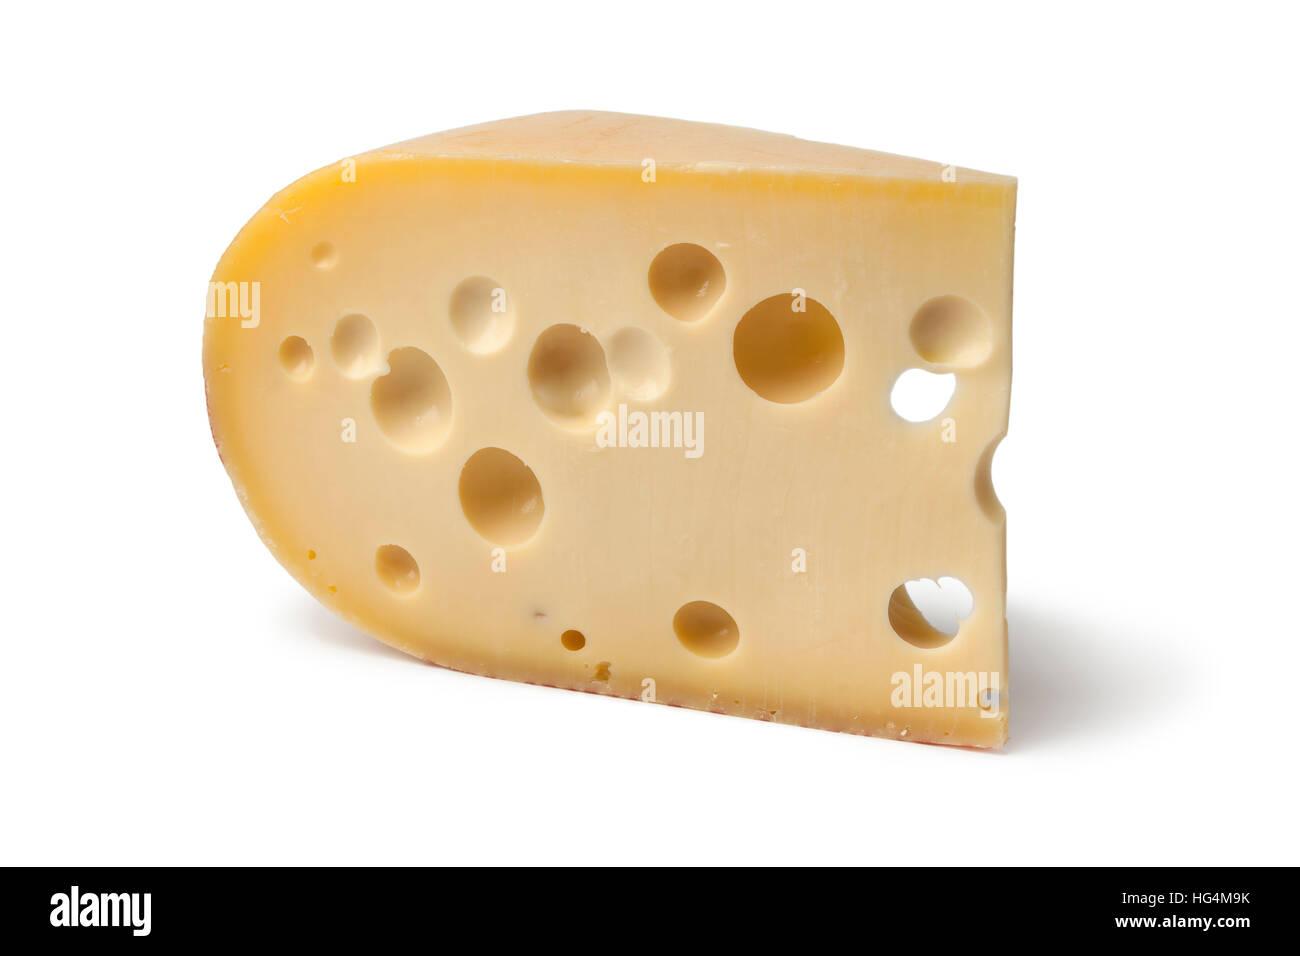 Pezzo di formaggio Emmental su sfondo bianco Immagini Stock